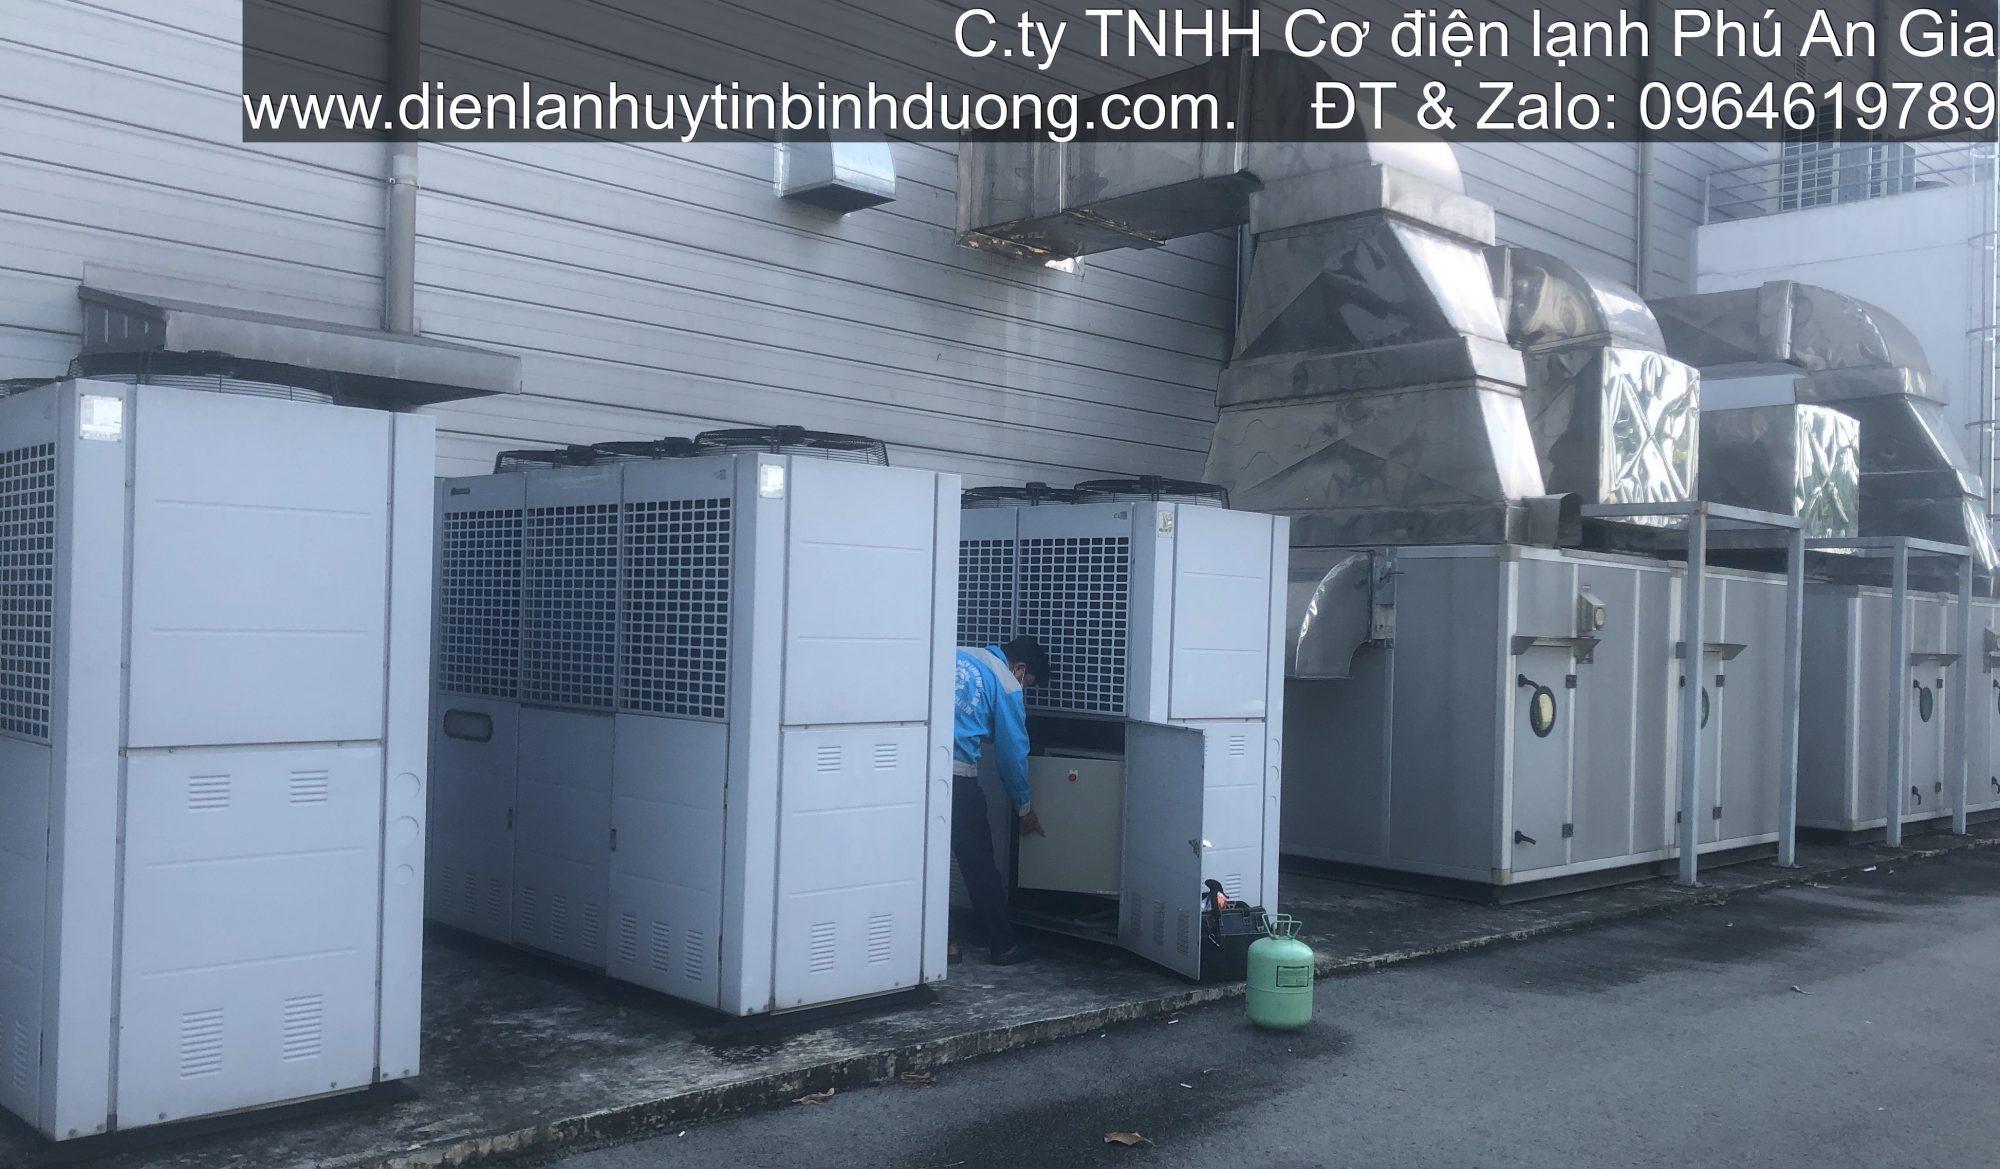 Máy Lạnh Trung Tâm, AHU